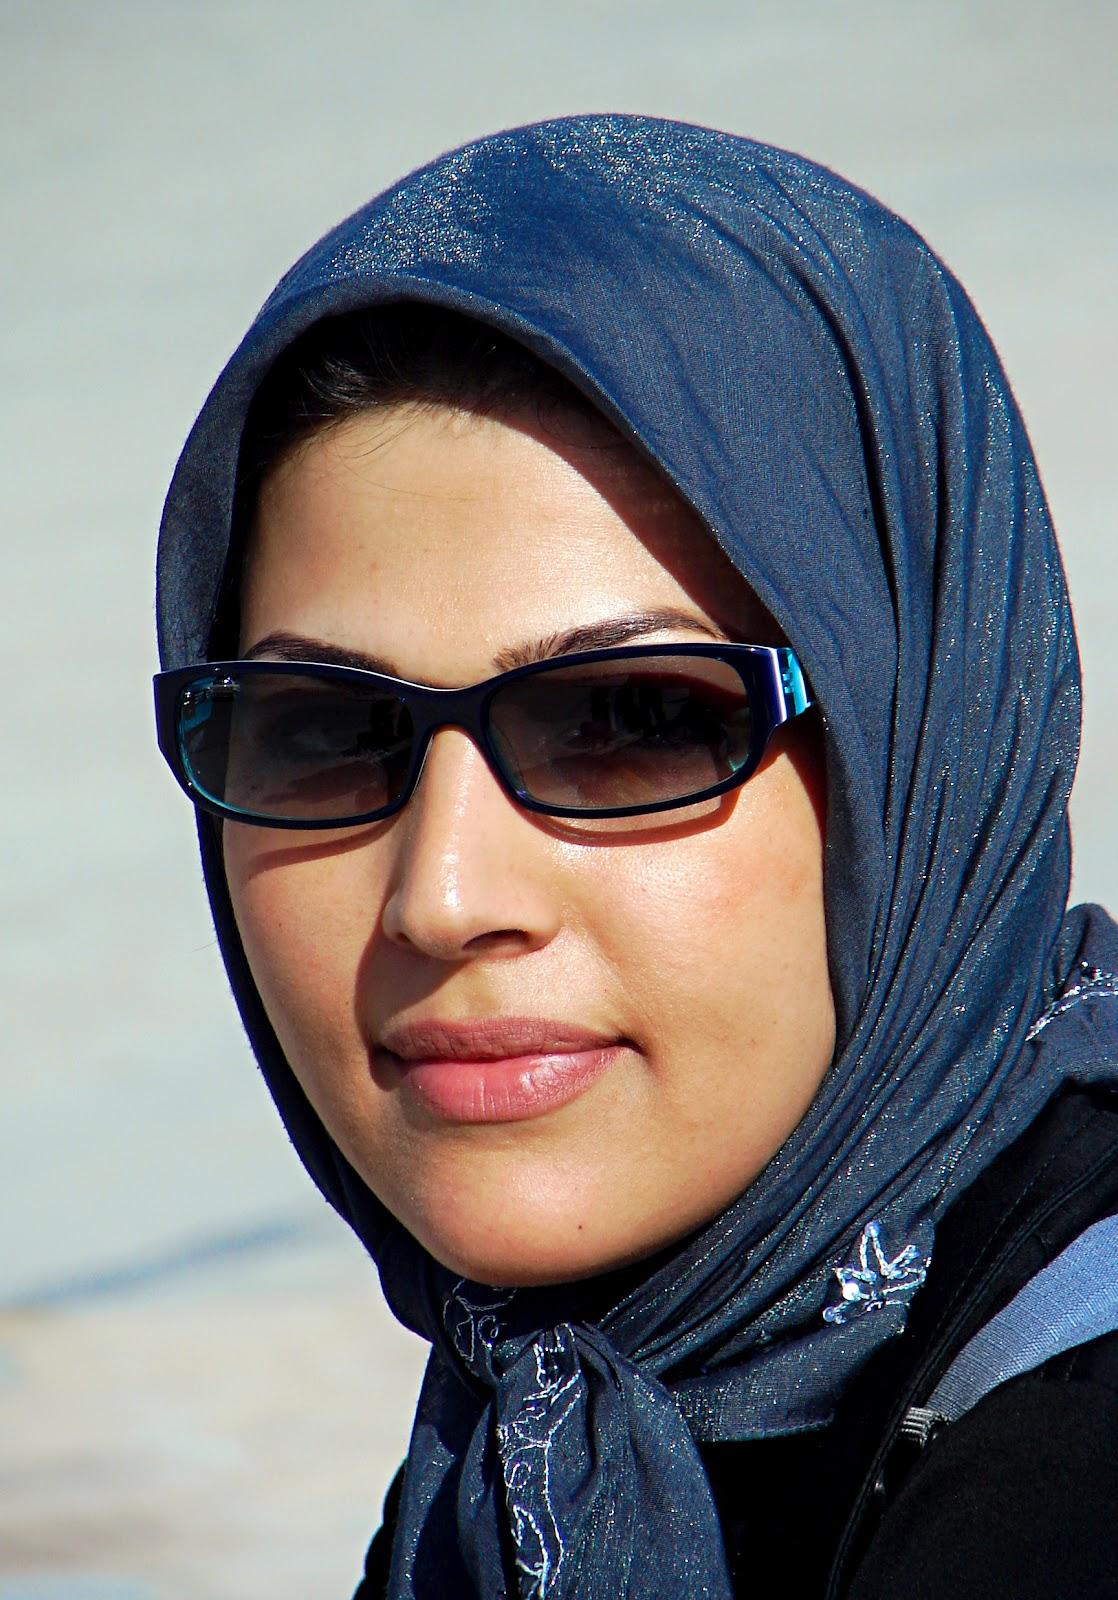 Burqa Naqab Hijab girls BEAUTIFUL GIRL WALLPAPERS 1118x1600